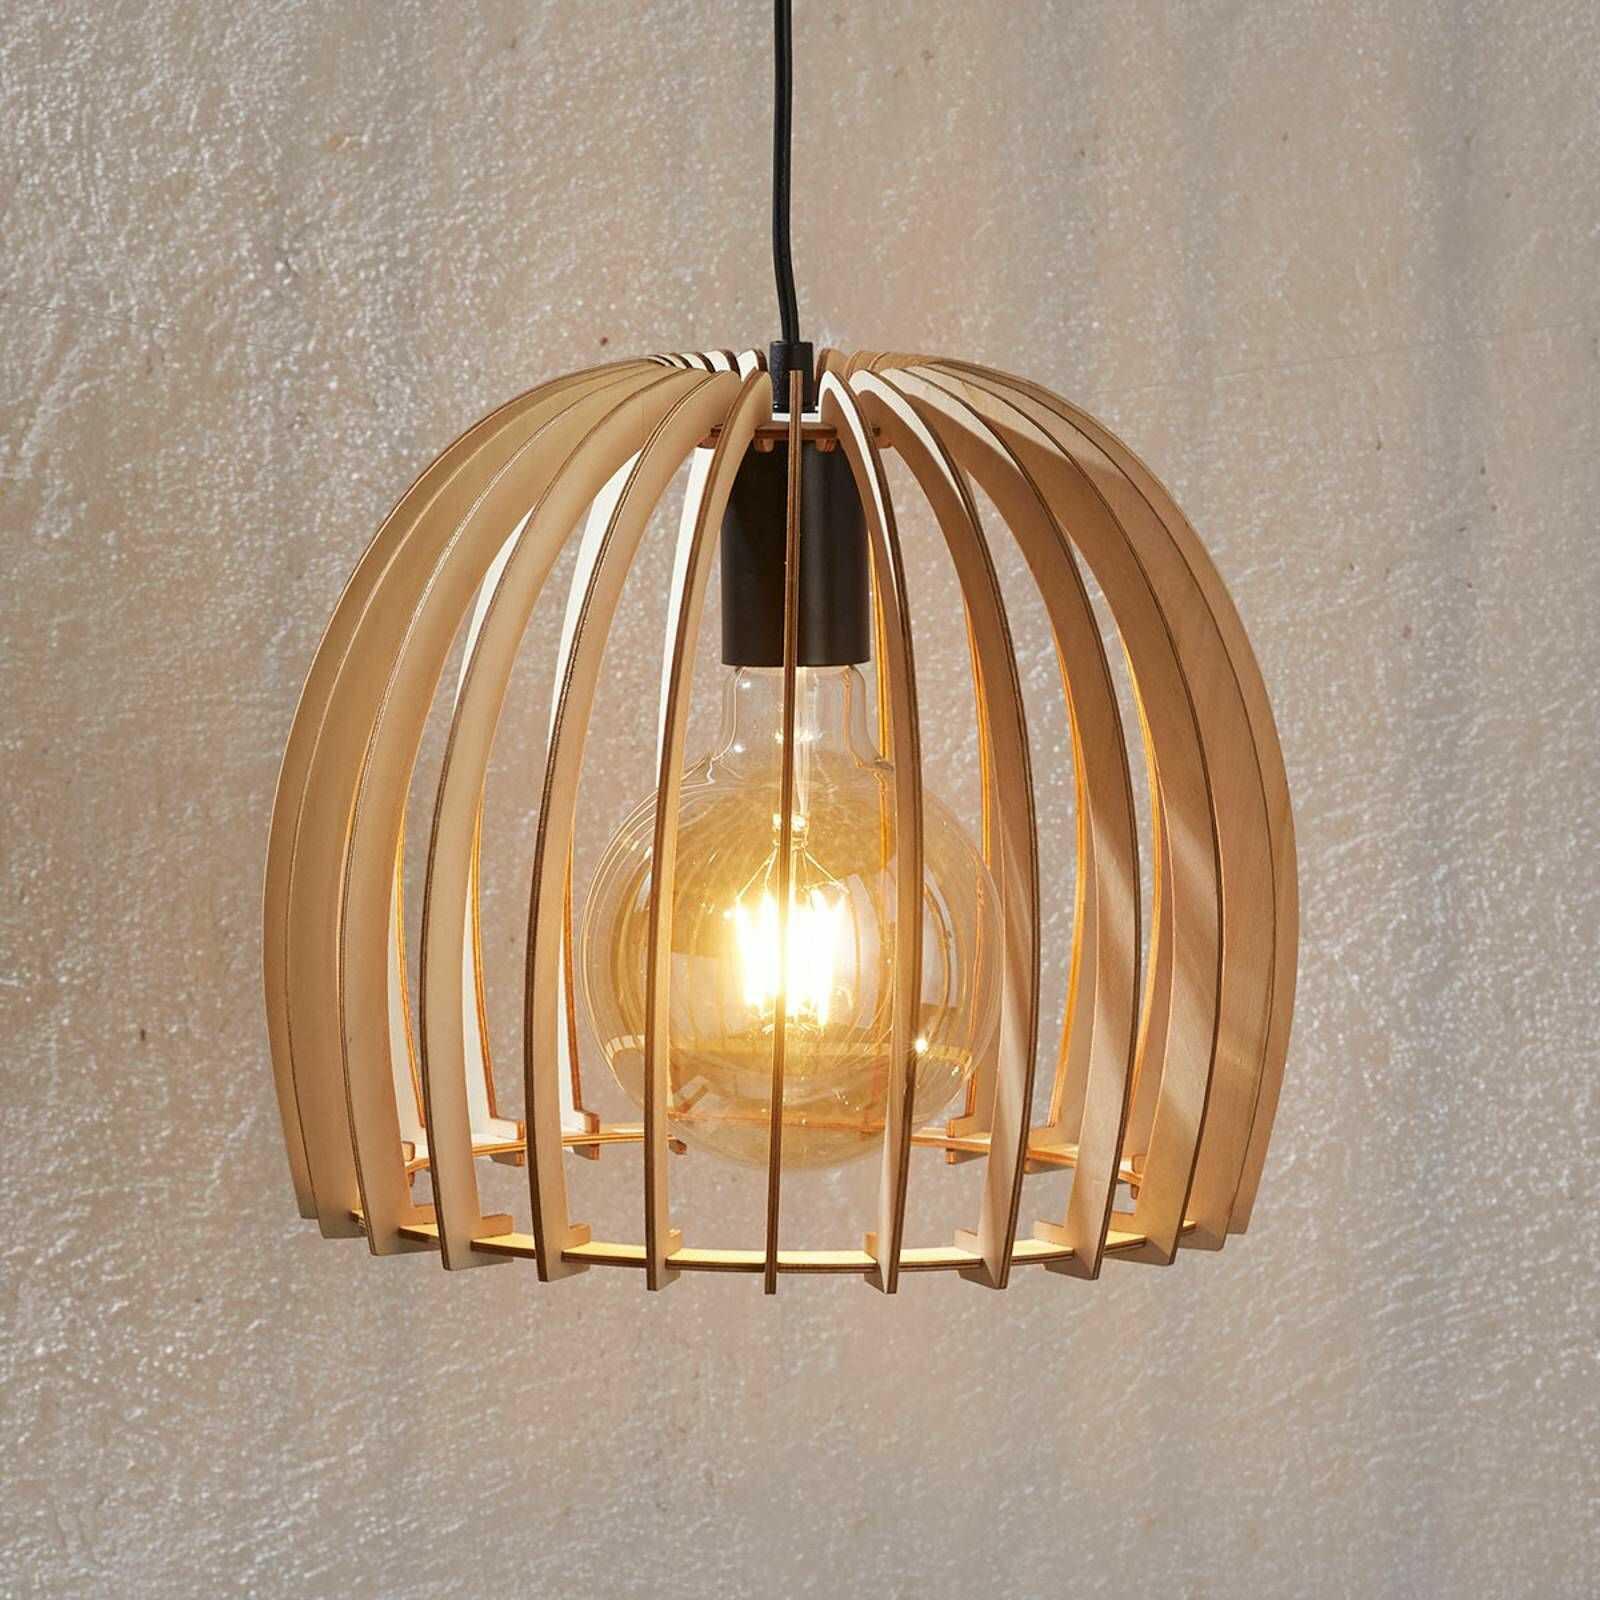 Drewniana lampa wisząca Bela, Ø 30 cm